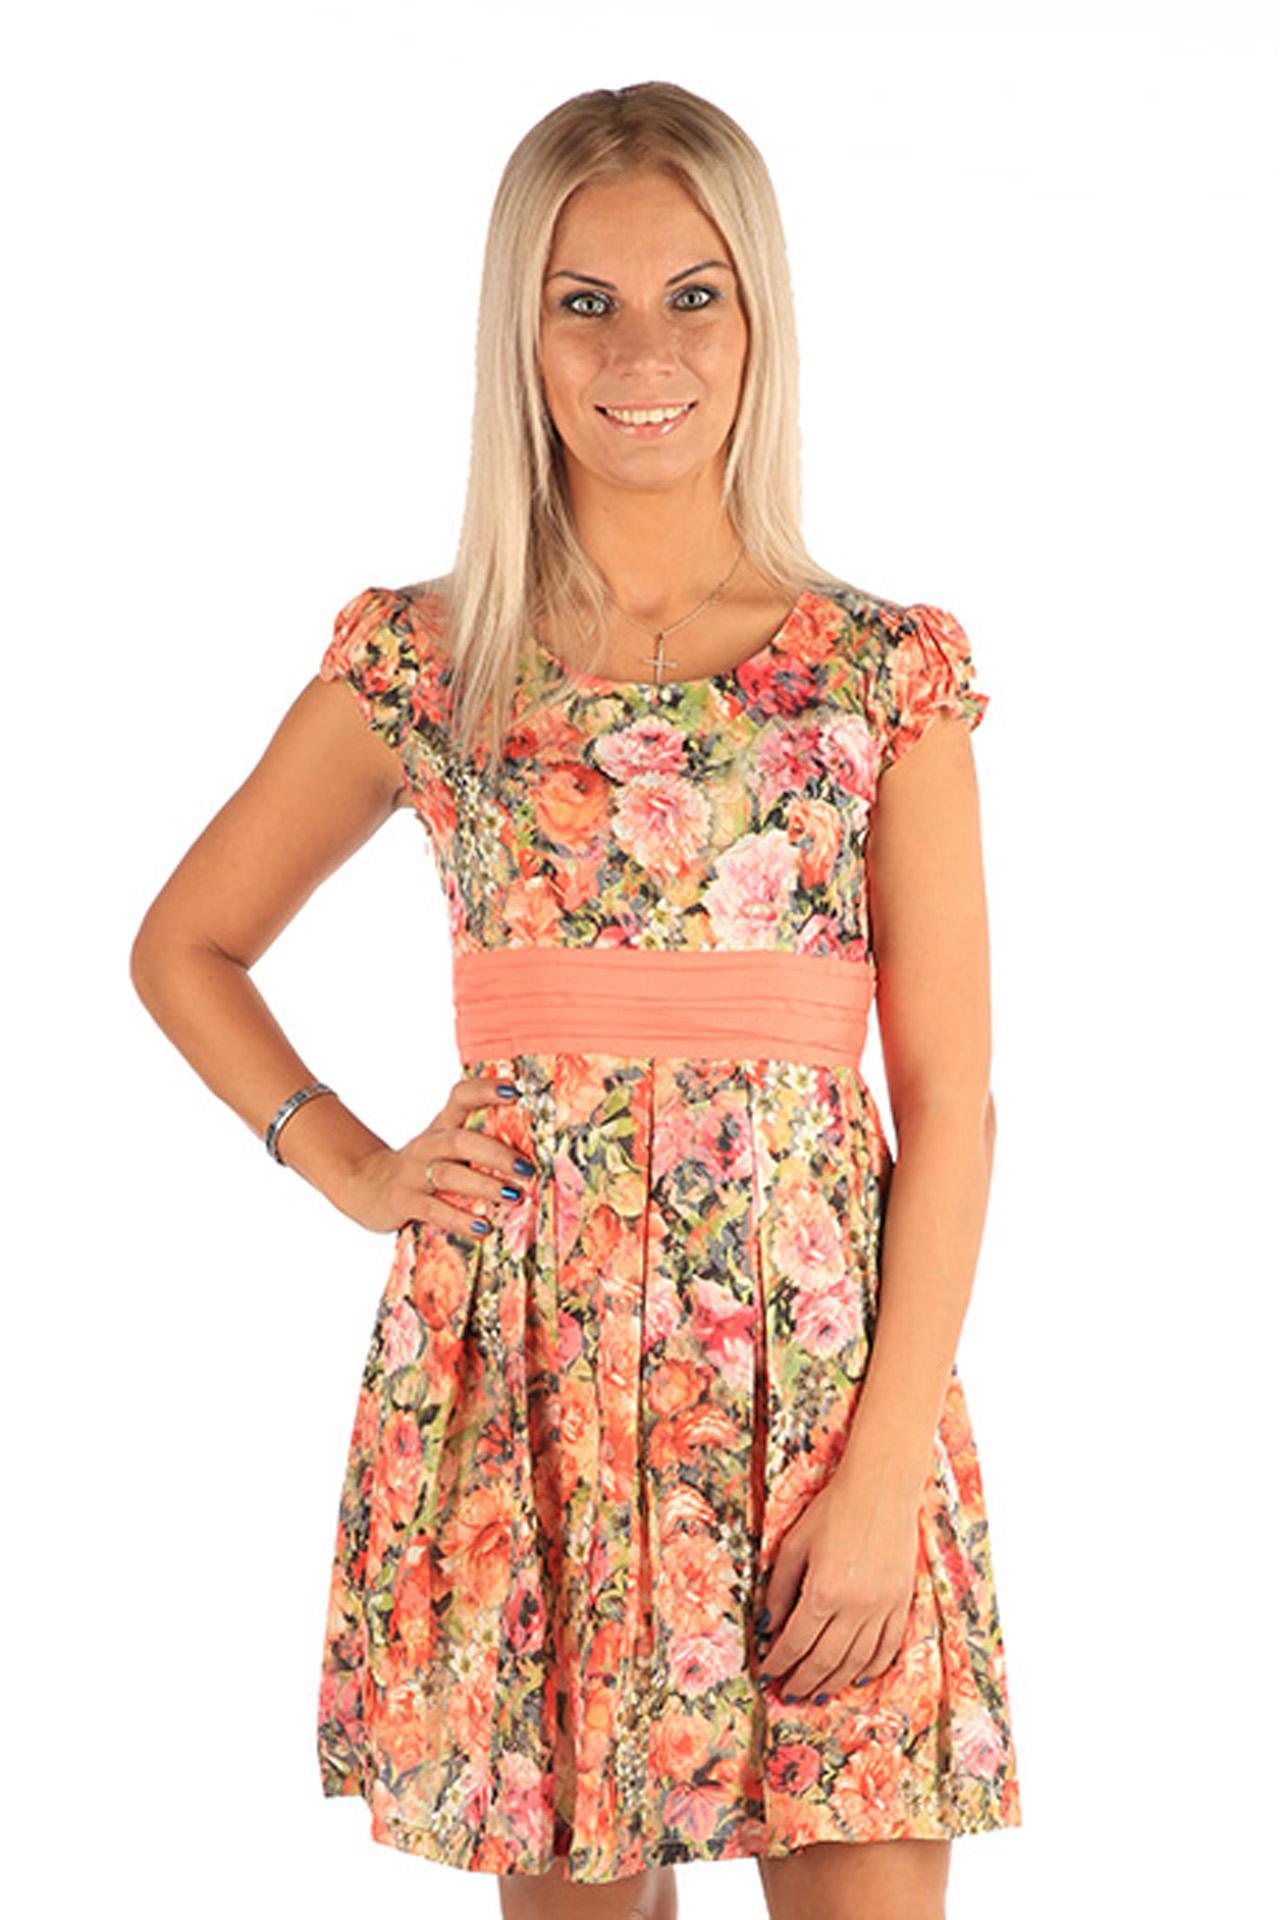 Платье Milton, цвет: розовый. WD-2444C. Размер L (48)WD-2444CПлатье полуприлегающего силуэта, с короткими рукавами в виде крылышек, отрезное по линии талии, с втачным поясом из контрастной однотонной ткани. Юбка расклешенная, со складками от талии.